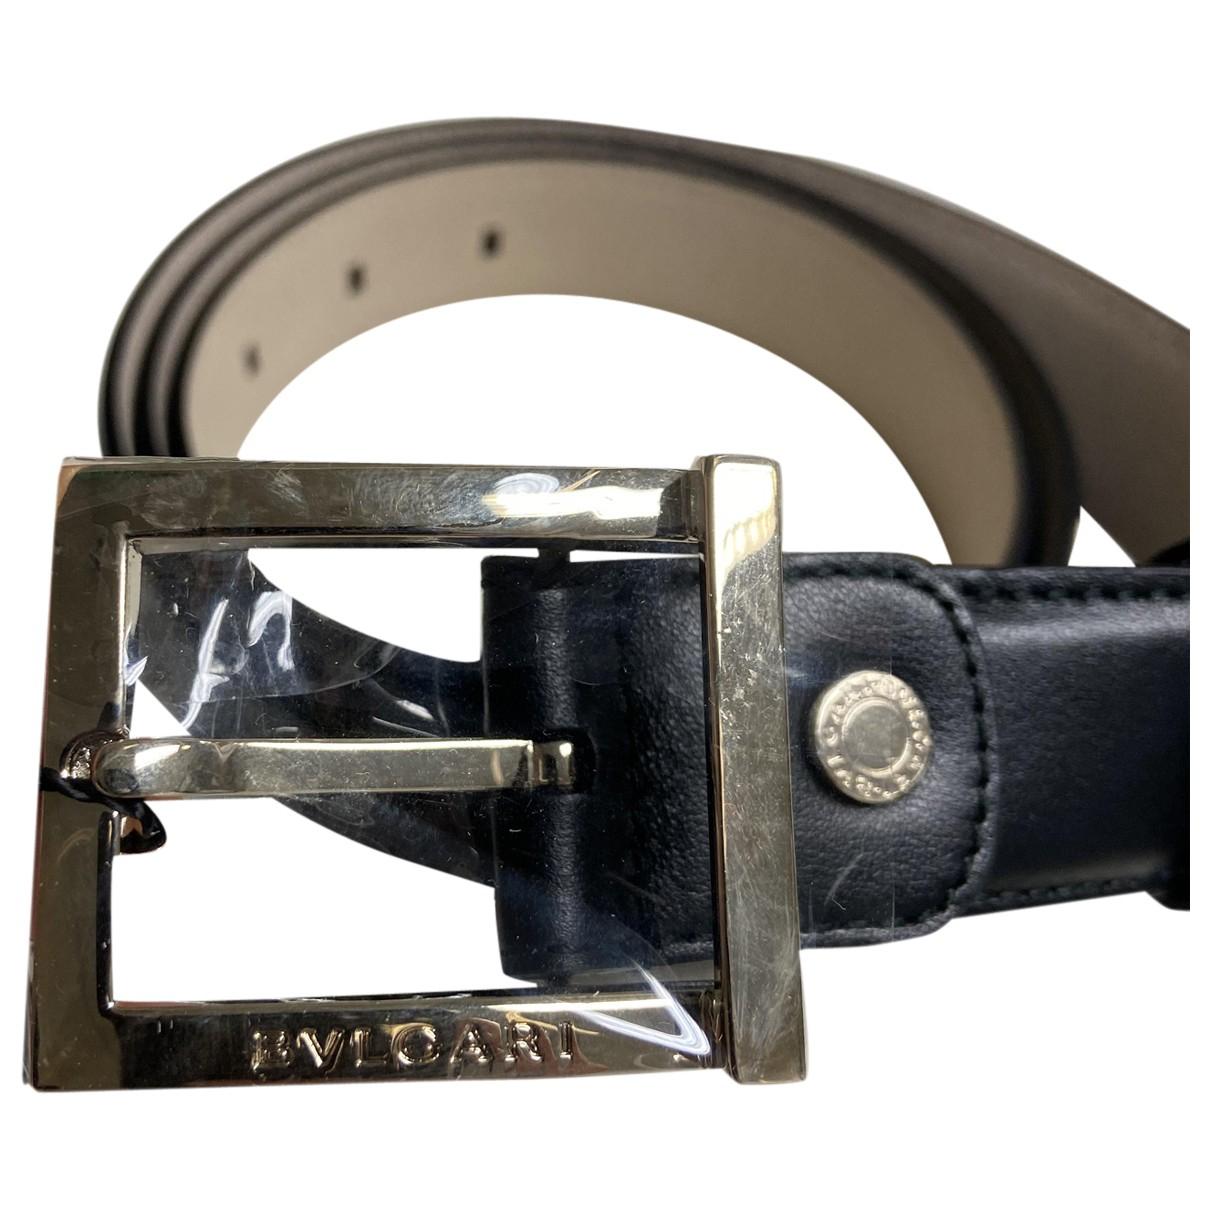 Cinturon de Cuero Bvlgari